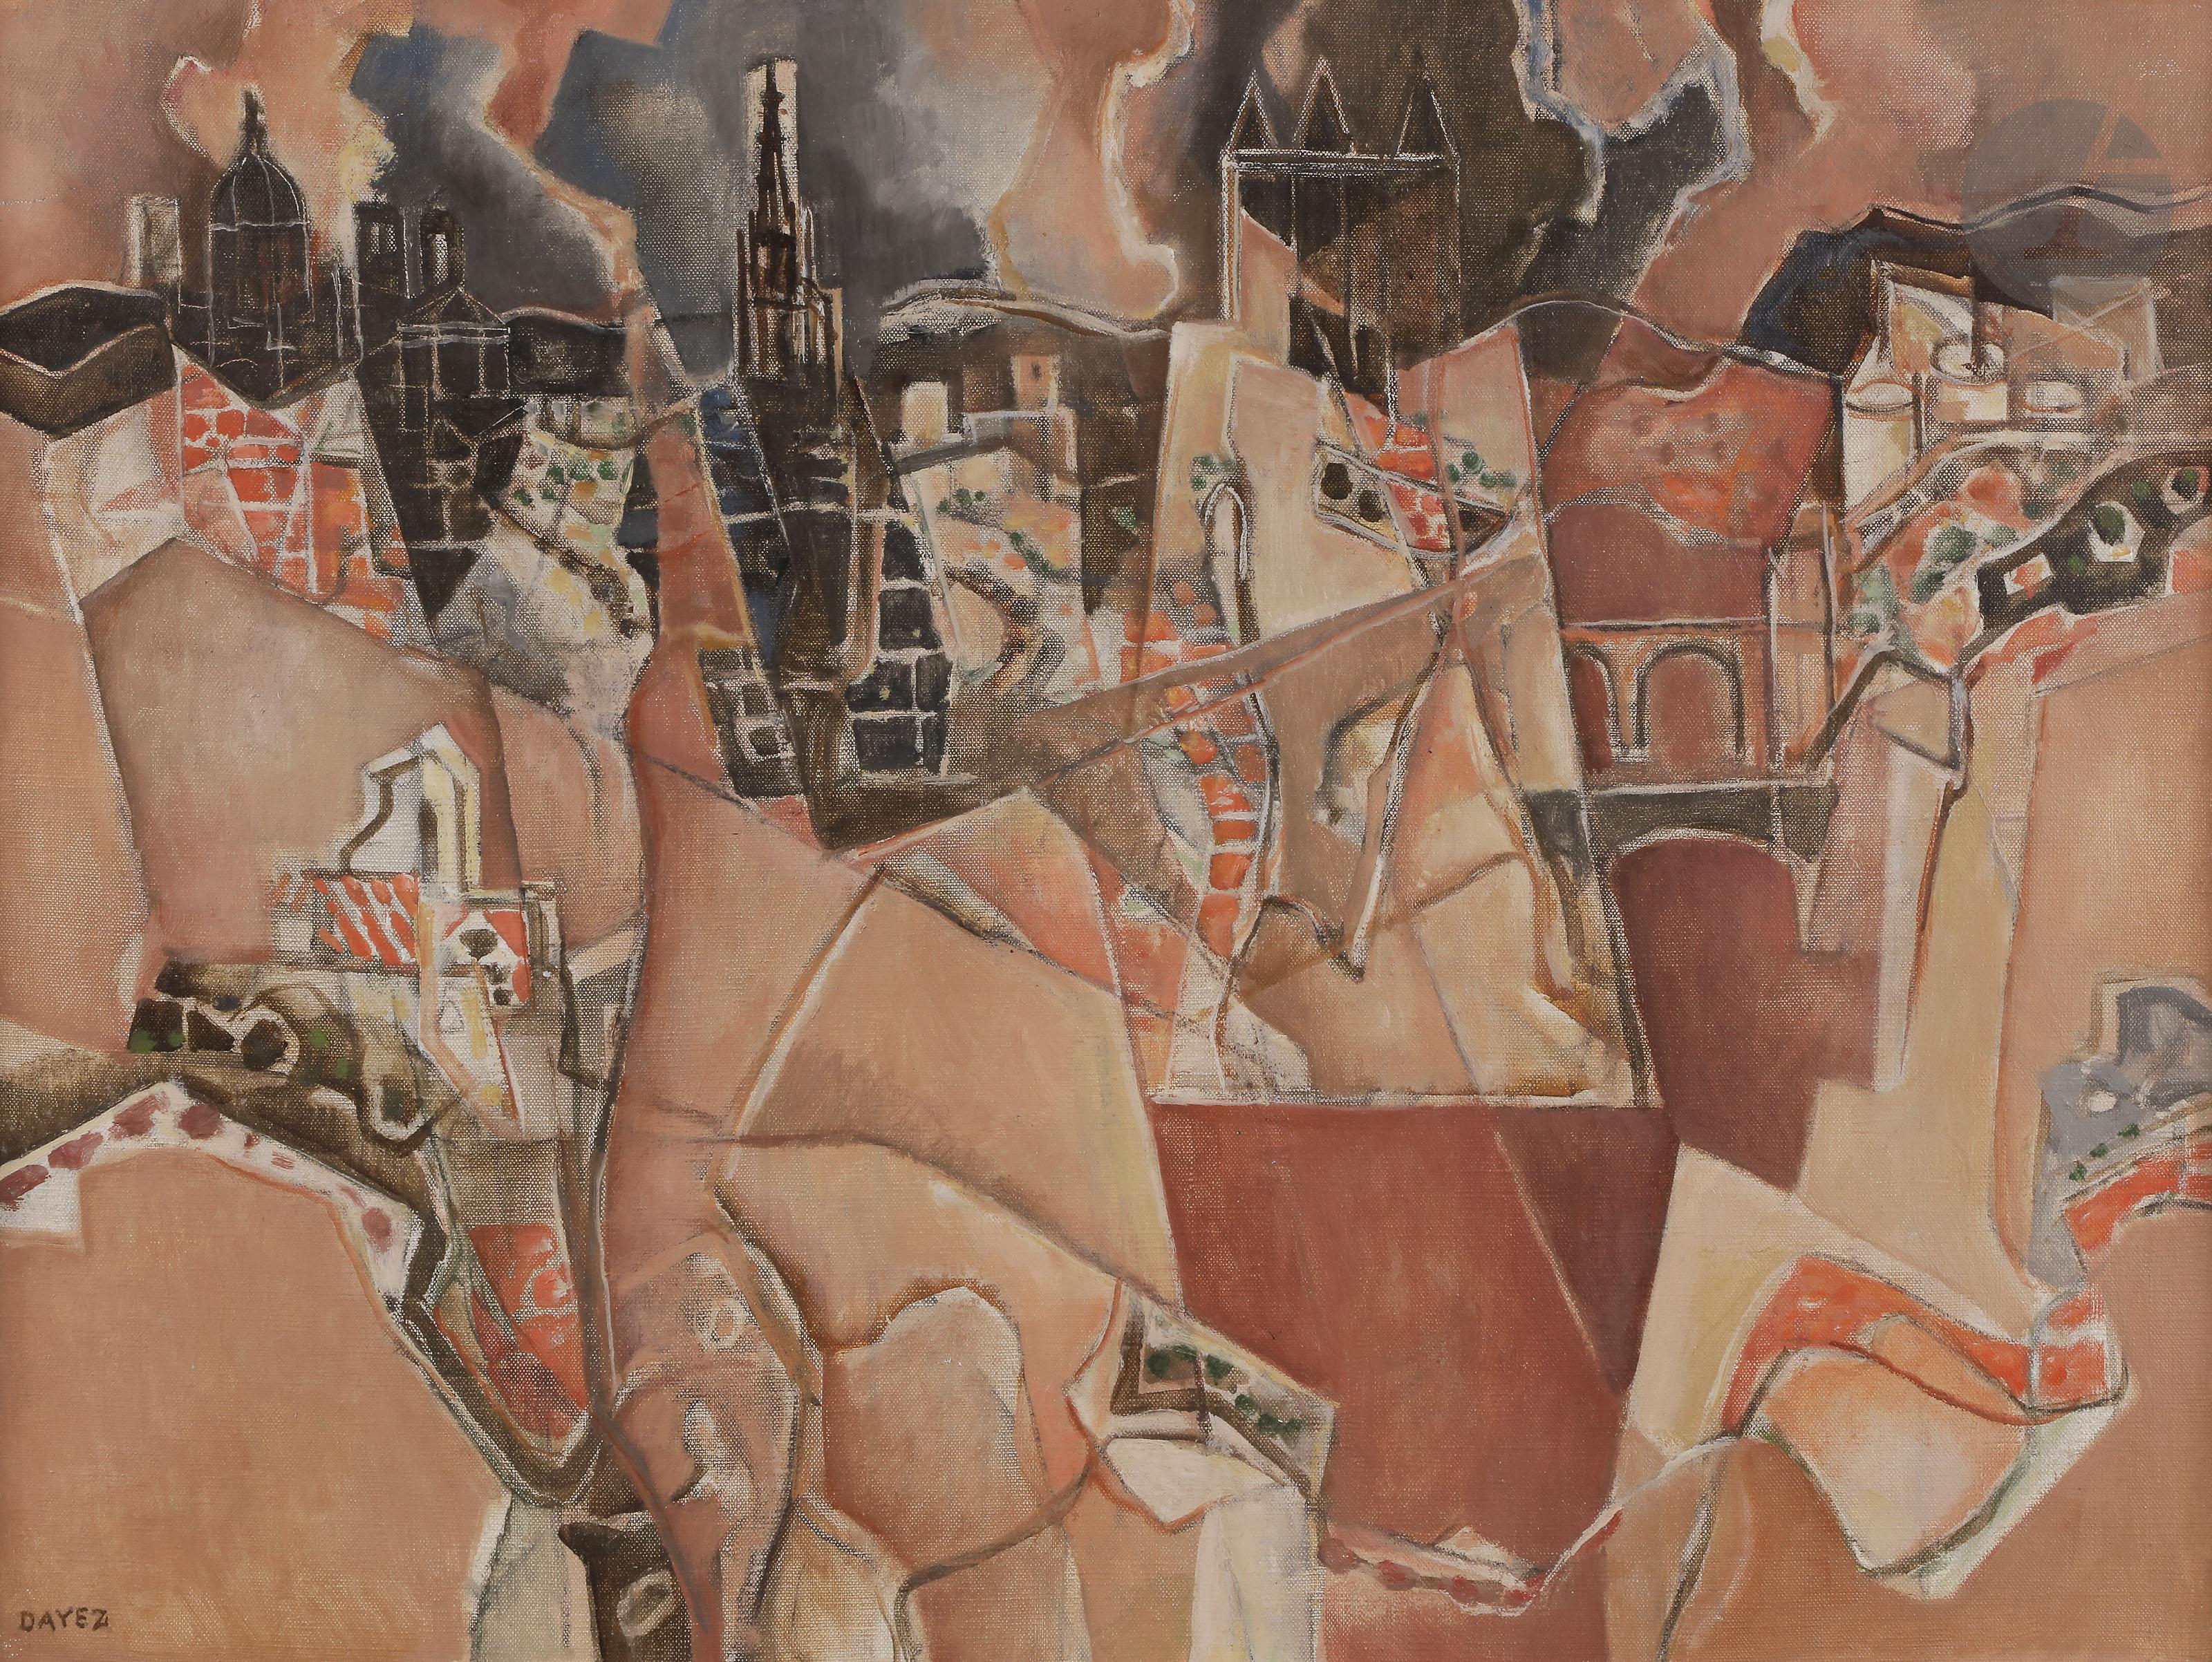 Lot 10 - Georges DAYEZ (1907-1991)Tolède, Na Sa de la Cabesa, 1968Huile sur toile.Signée en bas à gauche.